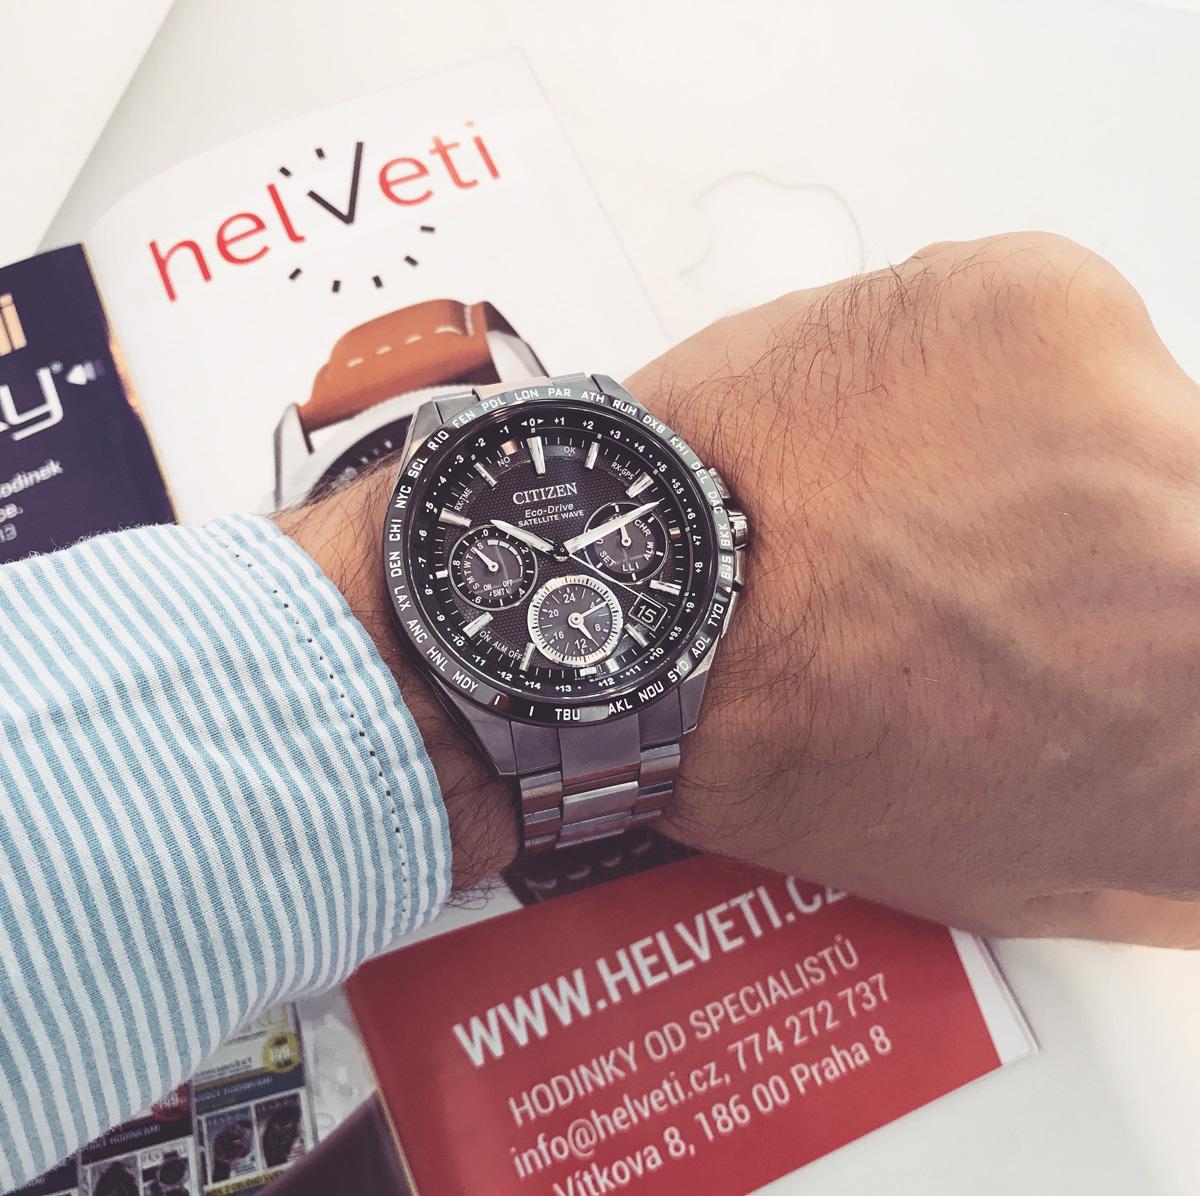 4b92709bb Poměrně často se setkávám s názorem, že hodinky už jsou passé (překonané) a  v době mobilních telefonů je přeci nikdo nepotřebuje.